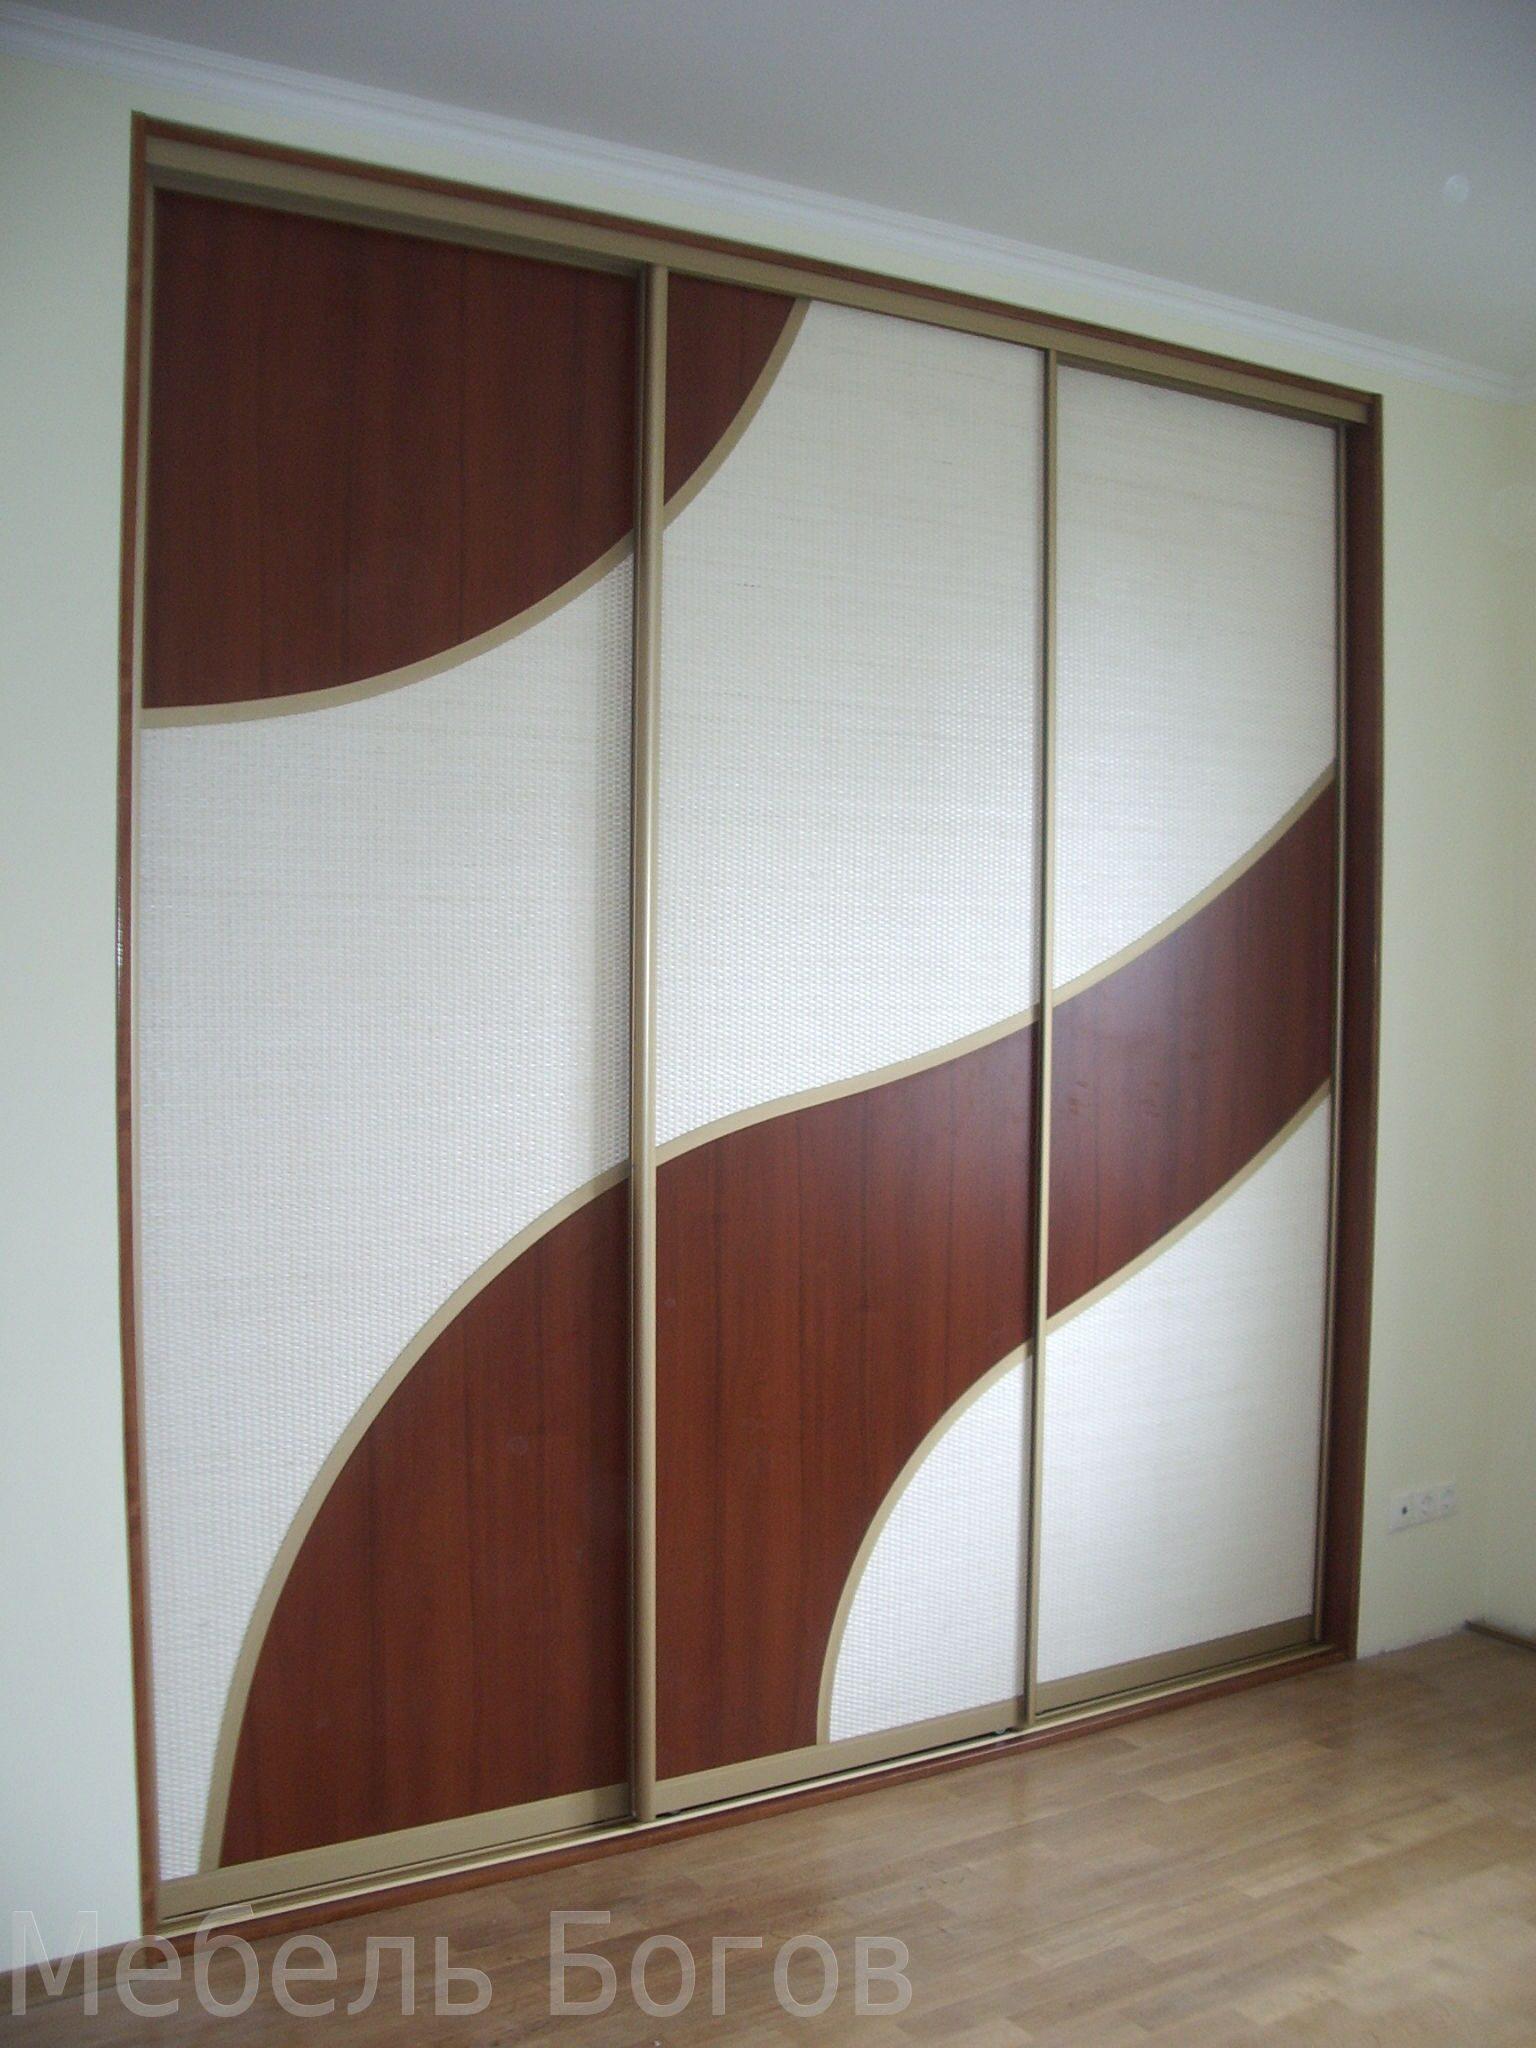 Шкаф купе 3-х дверный с криволинейной комбинацией вставок в .